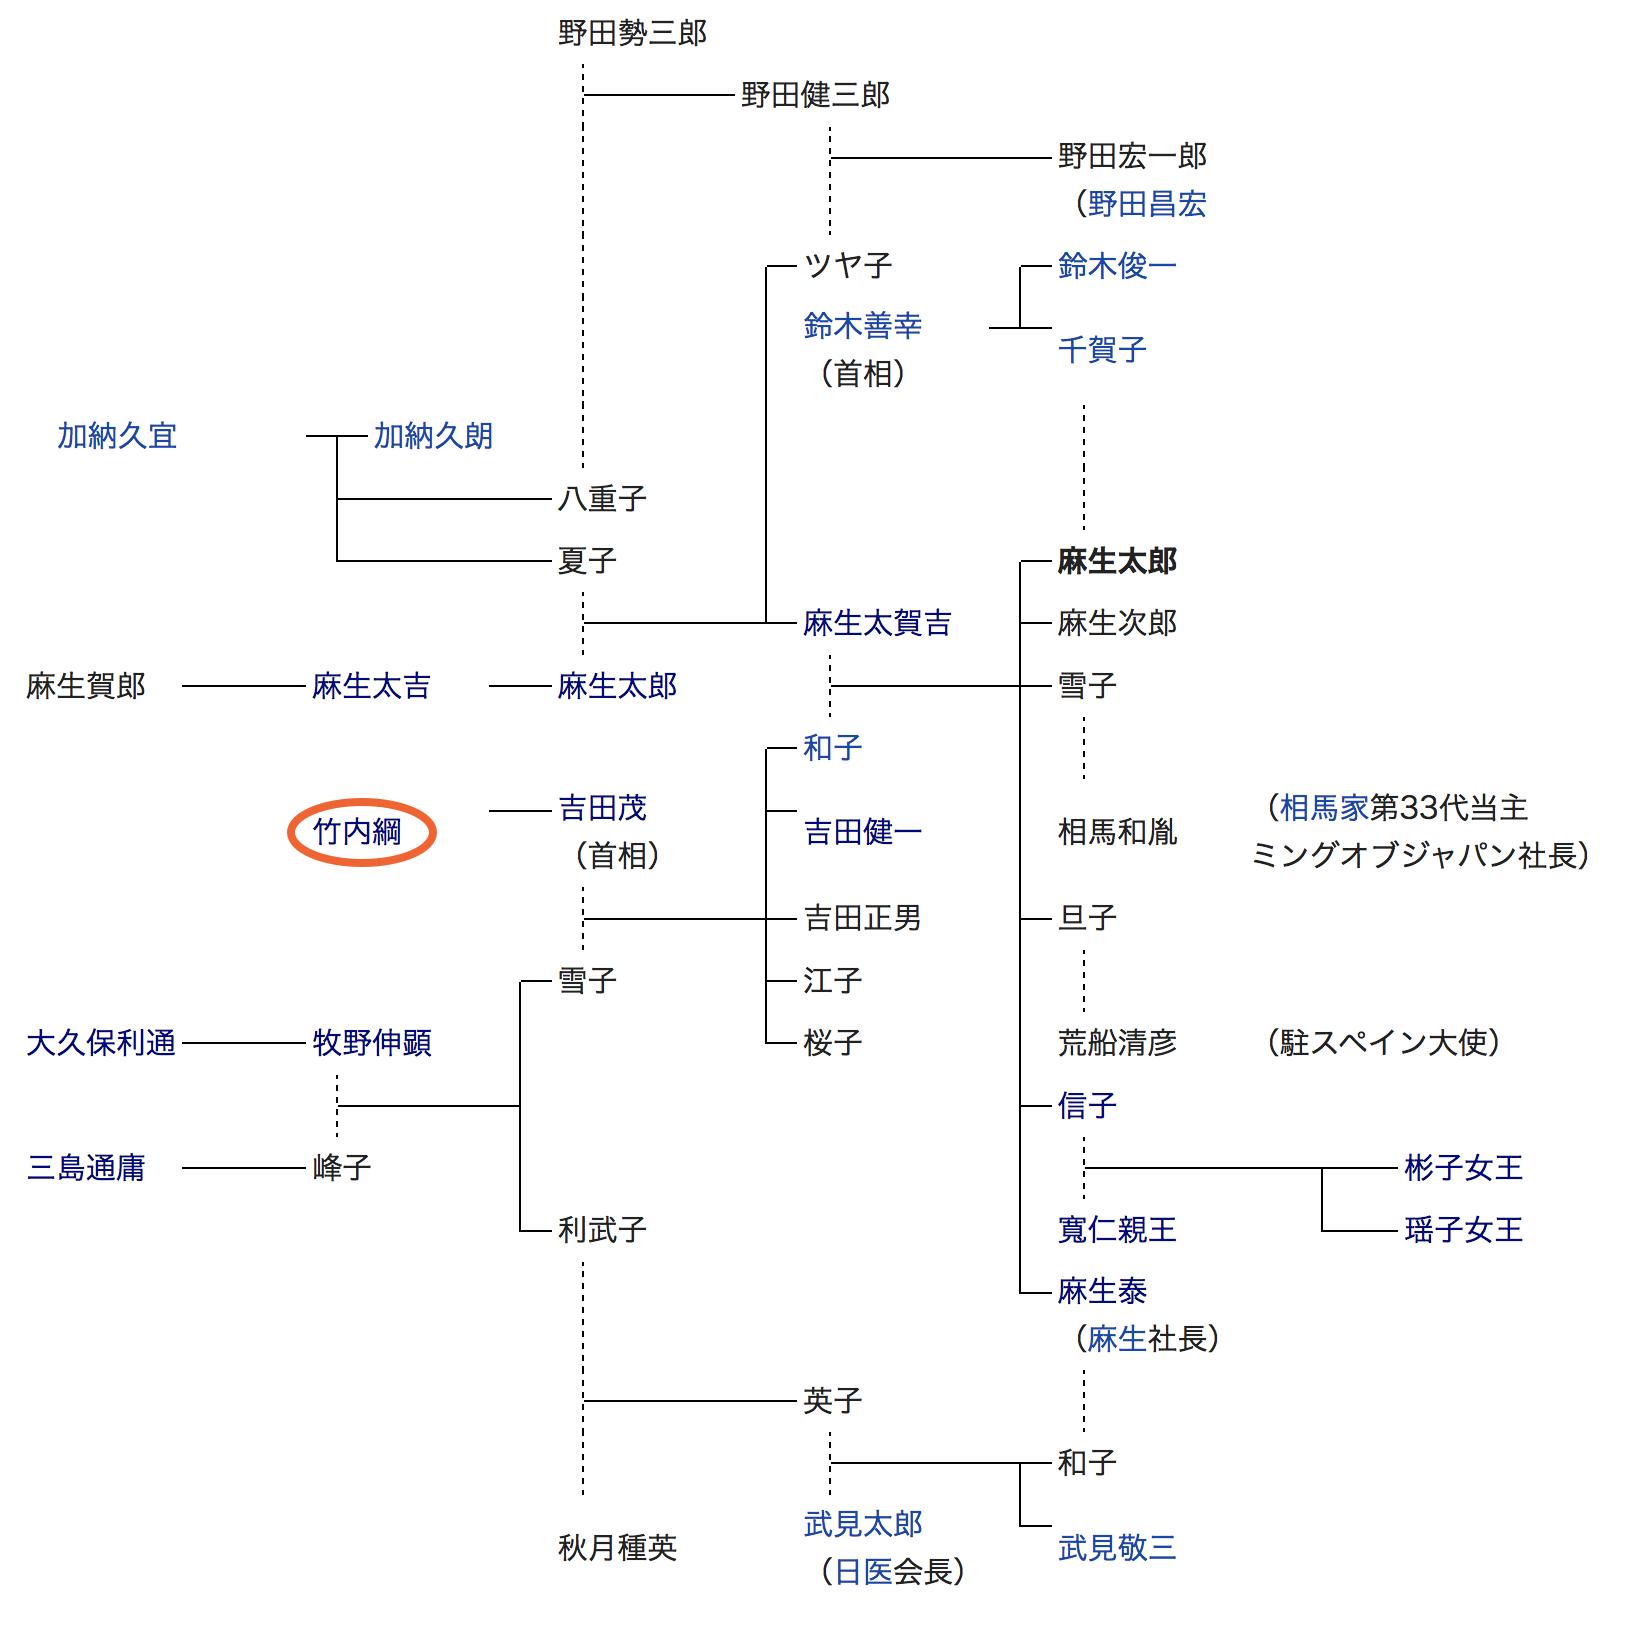 家 系図 太郎 麻生